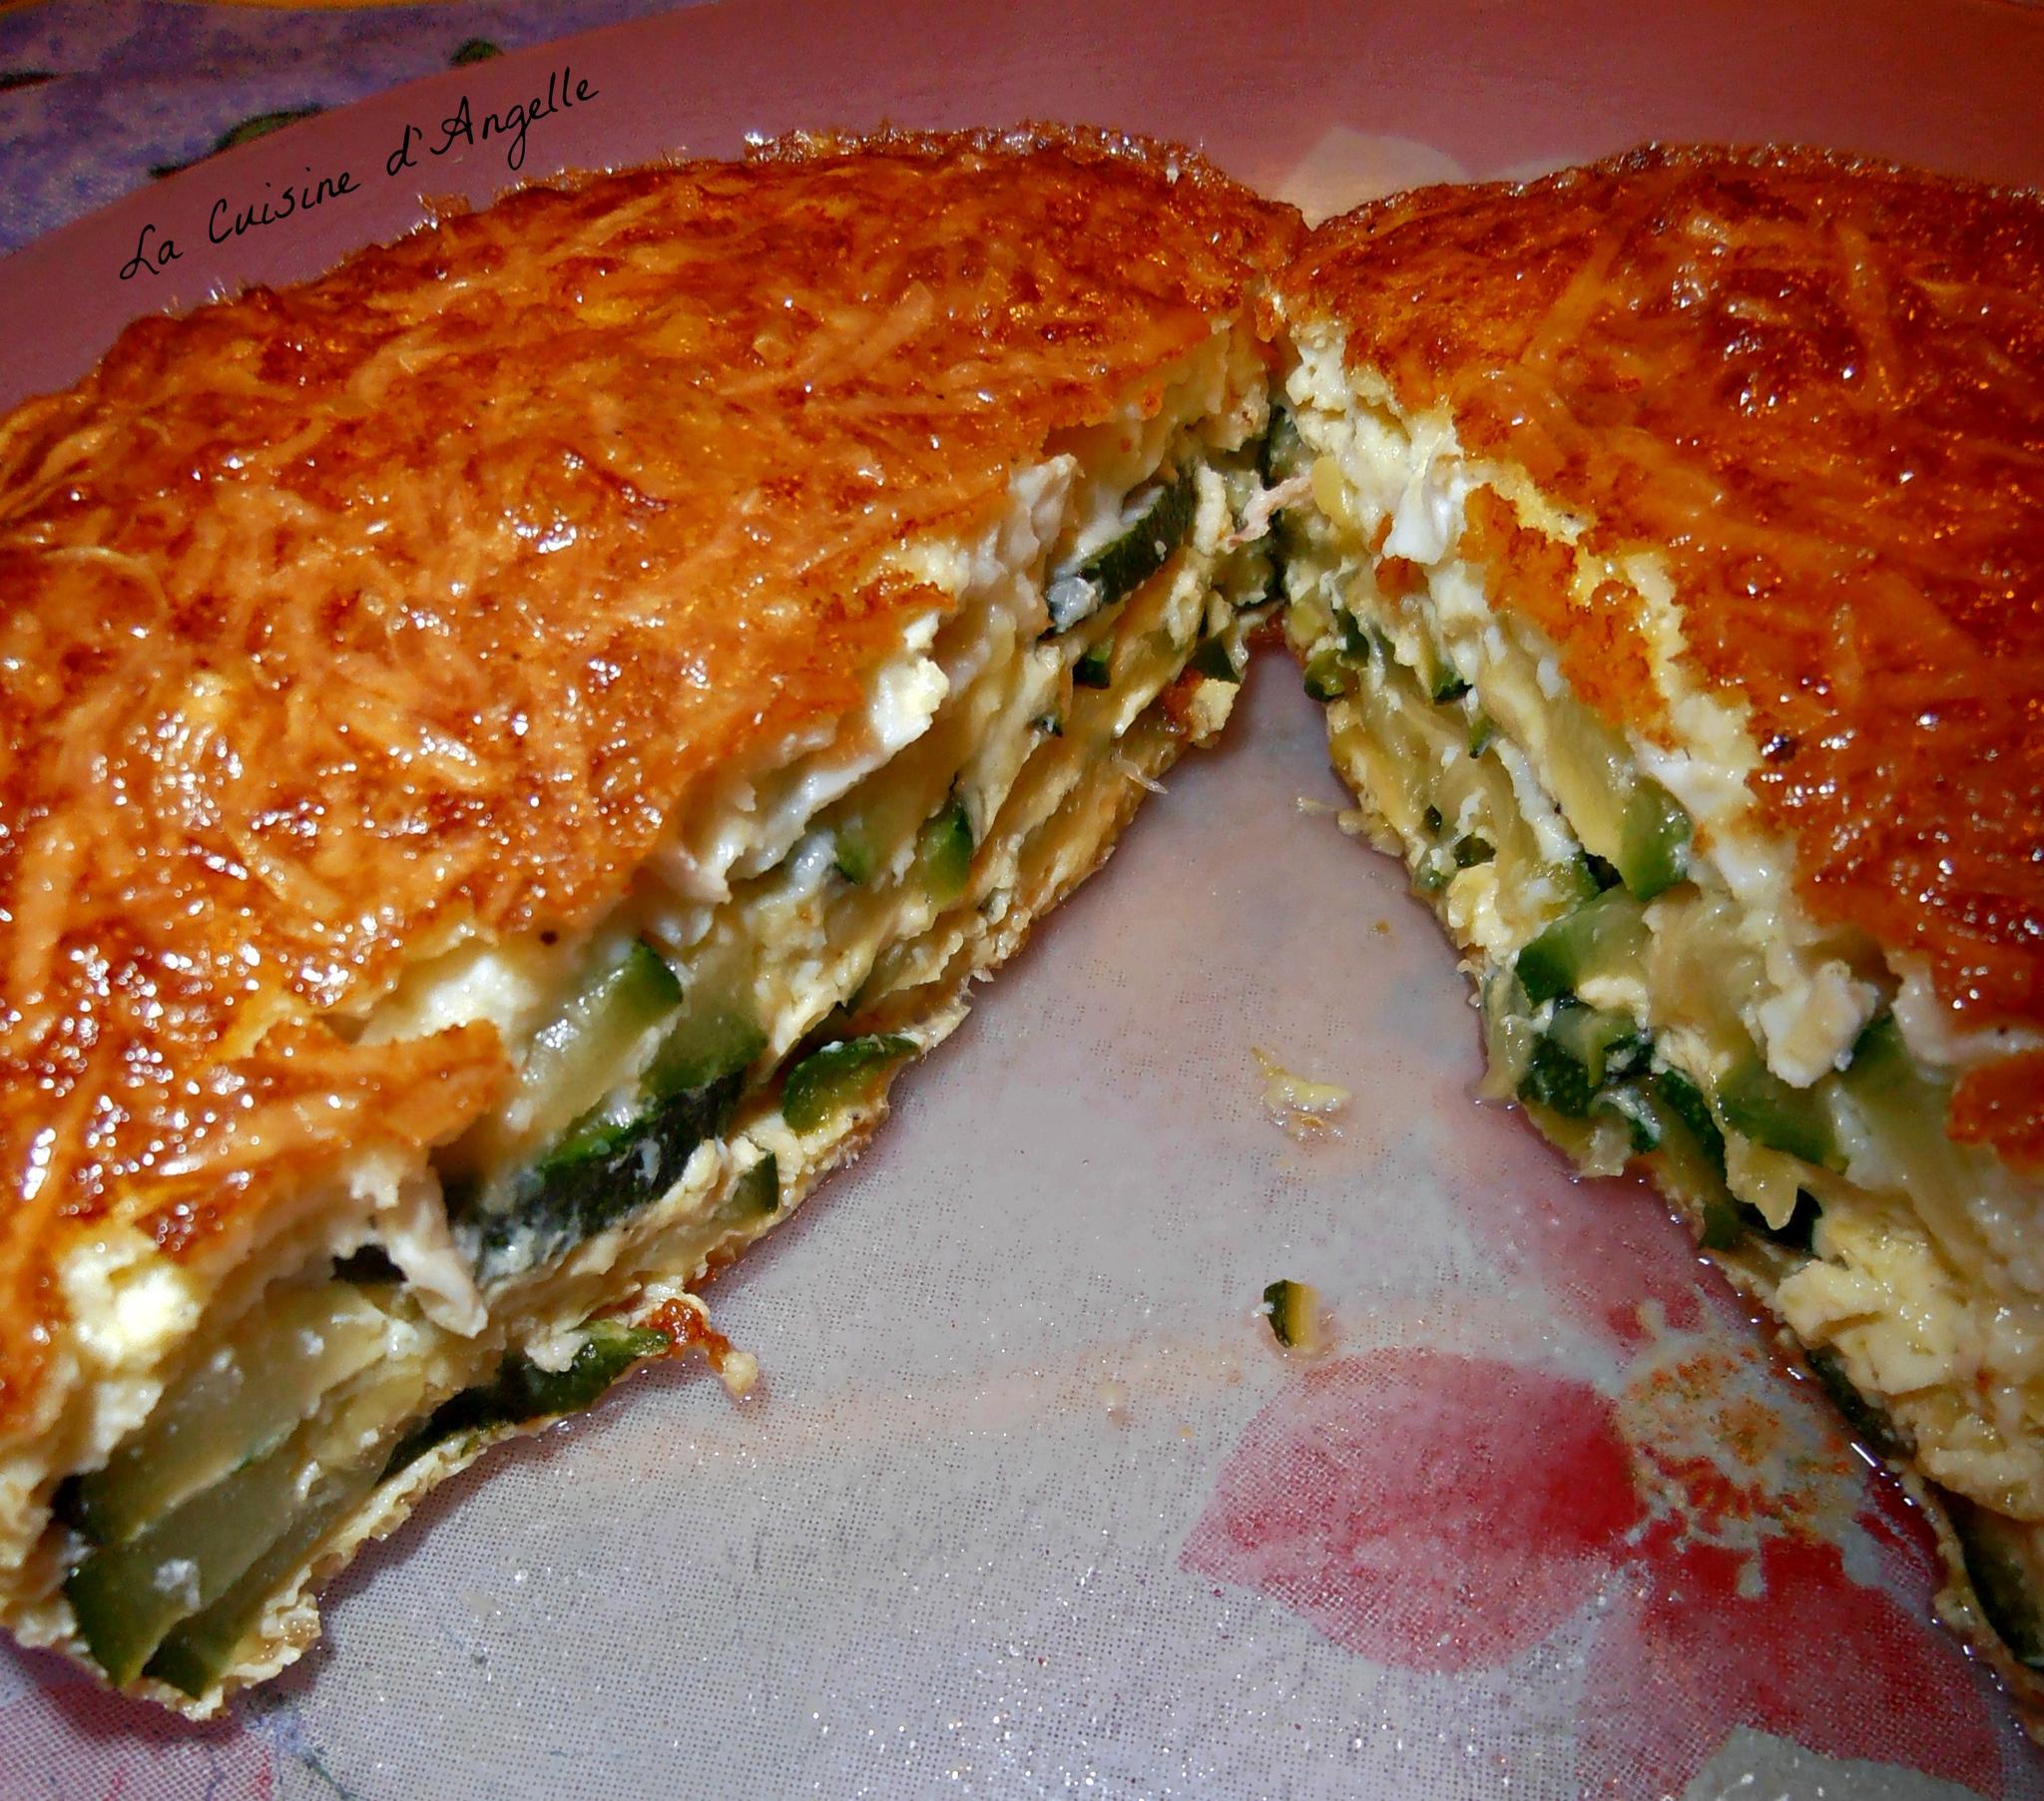 Recette legere courgette thermomix un site culinaire populaire avec des recettes utiles - Cuisine legere thermomix ...